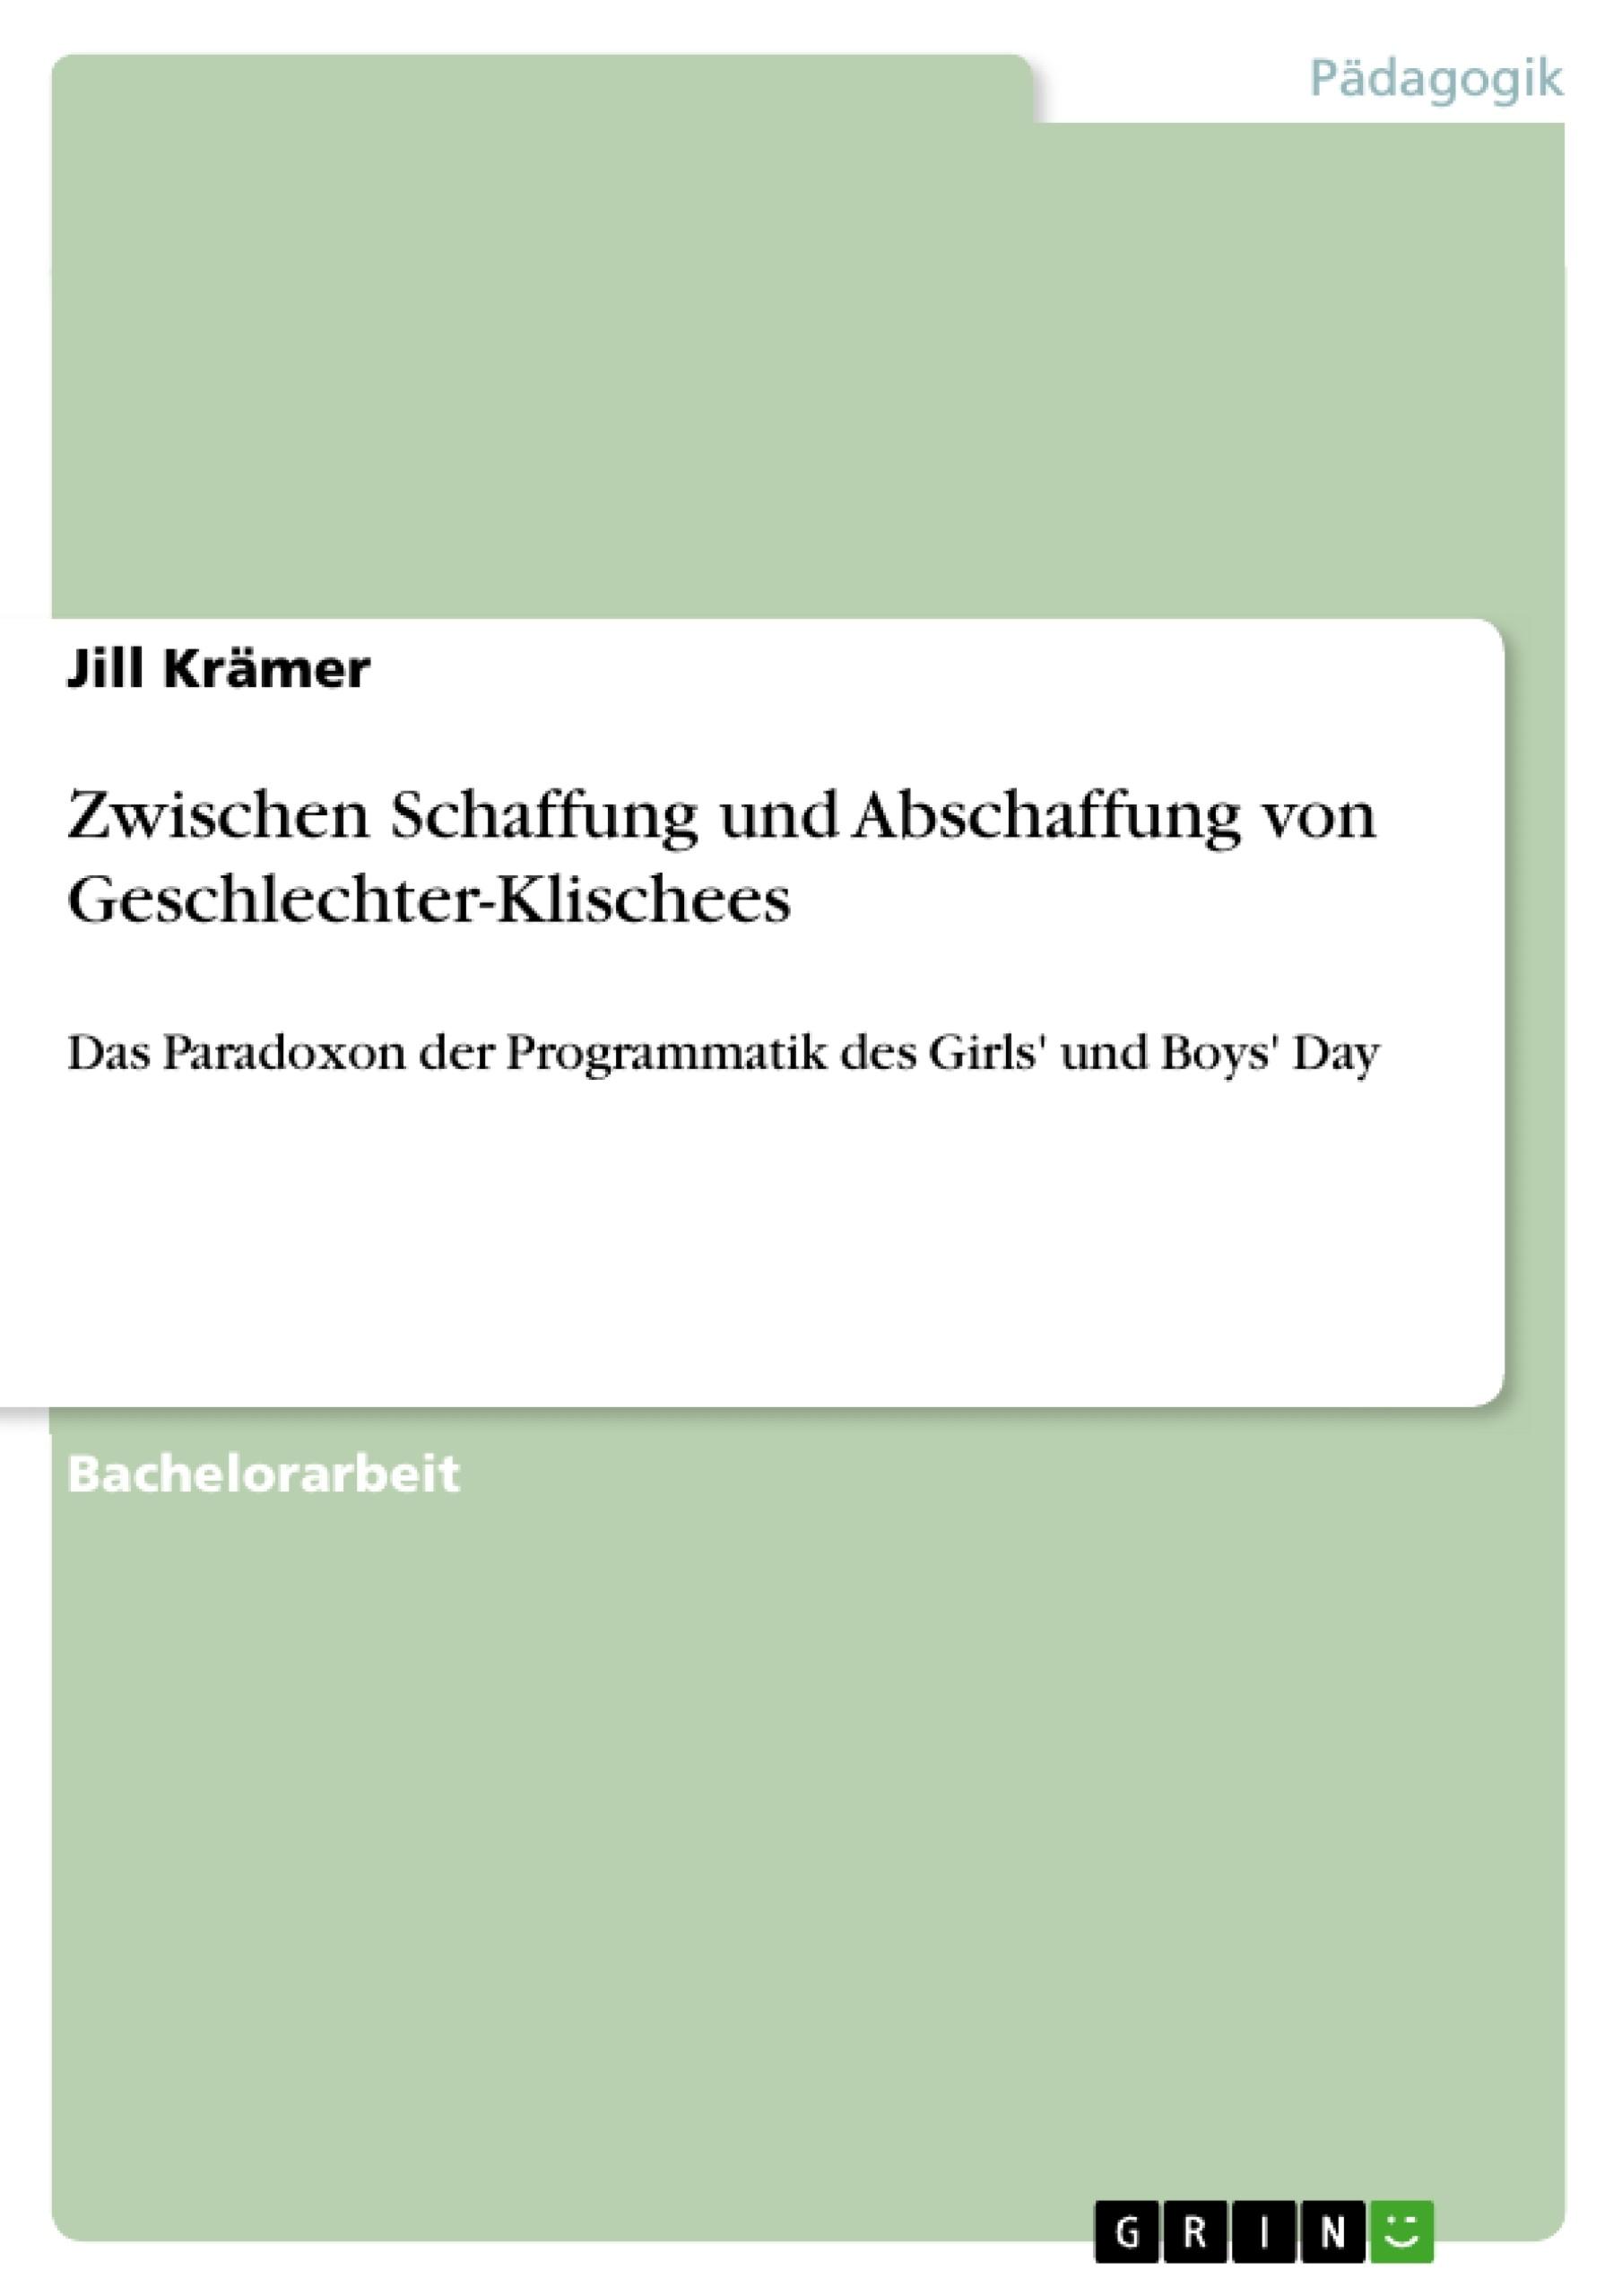 Titel: Zwischen Schaffung und Abschaffung von Geschlechter-Klischees